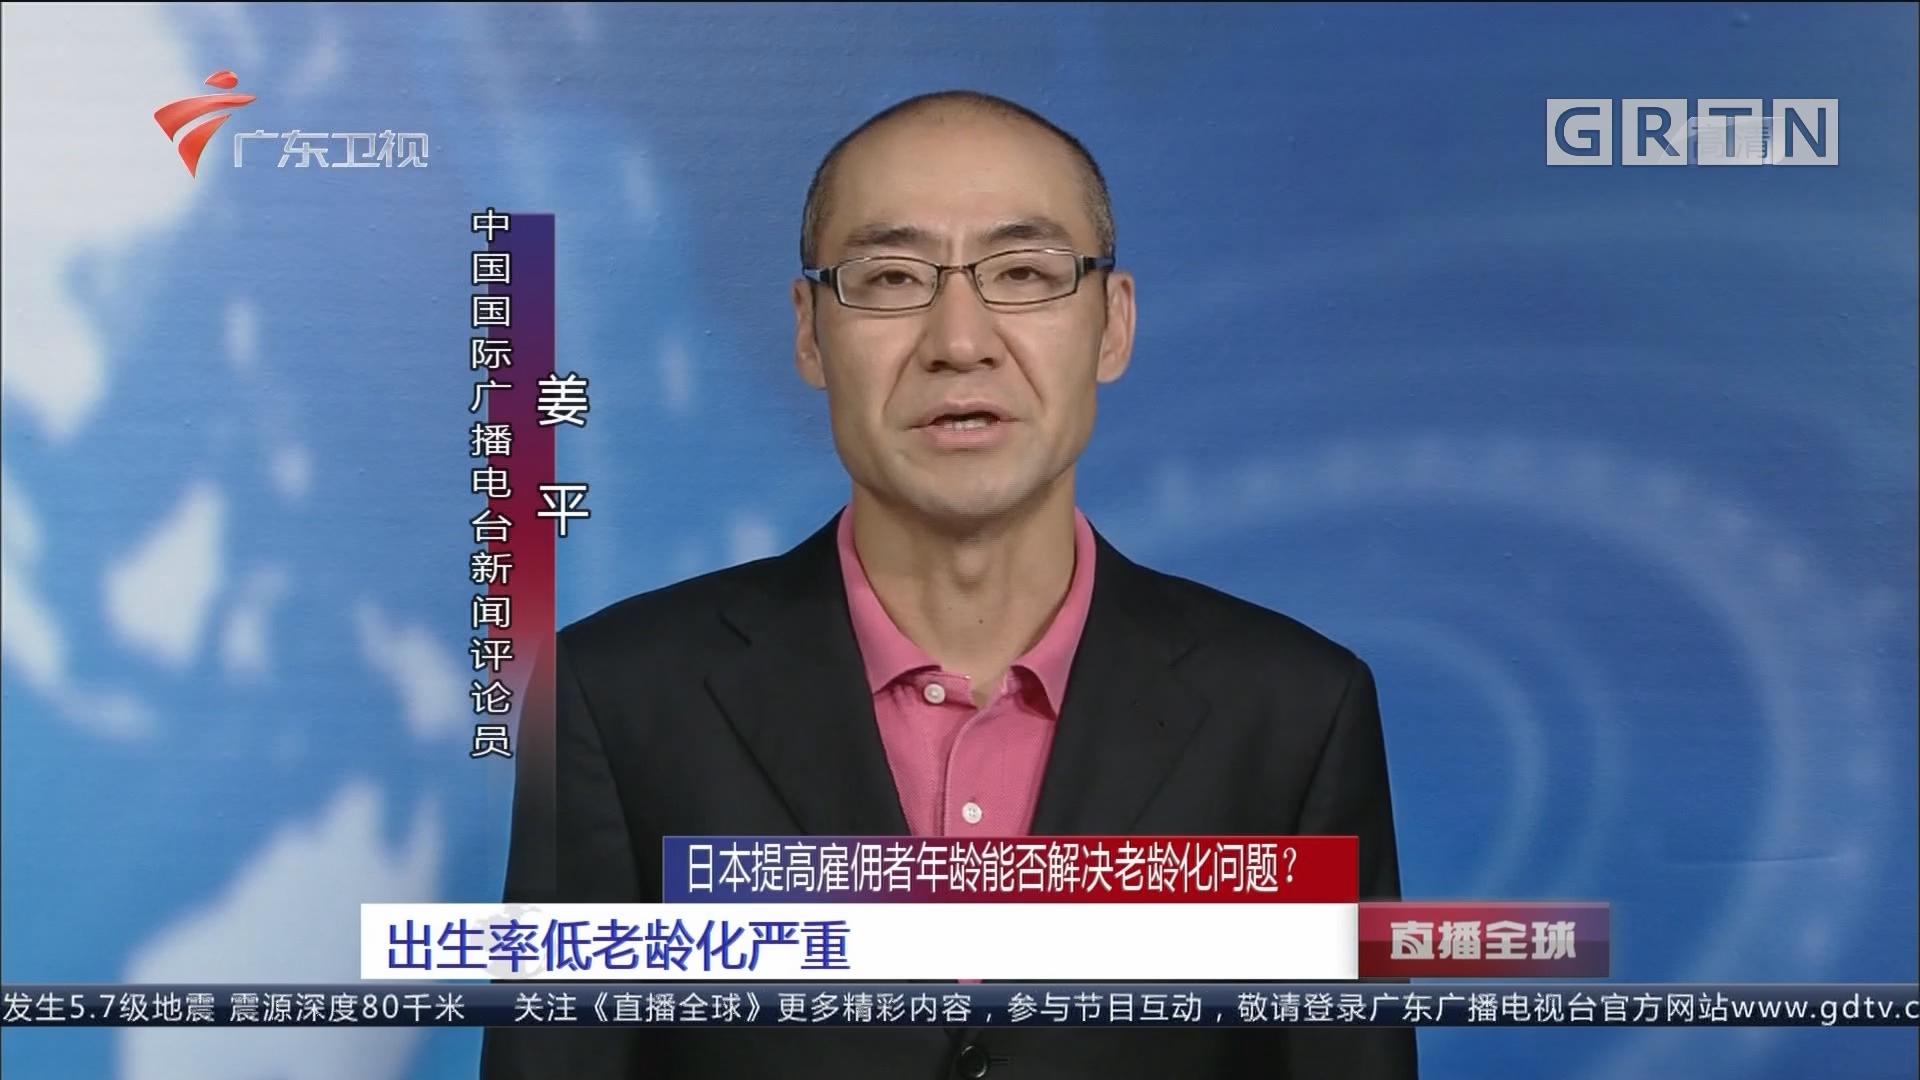 日本提高雇佣者年龄能否解决老龄化问题? 出生率低老龄化严重